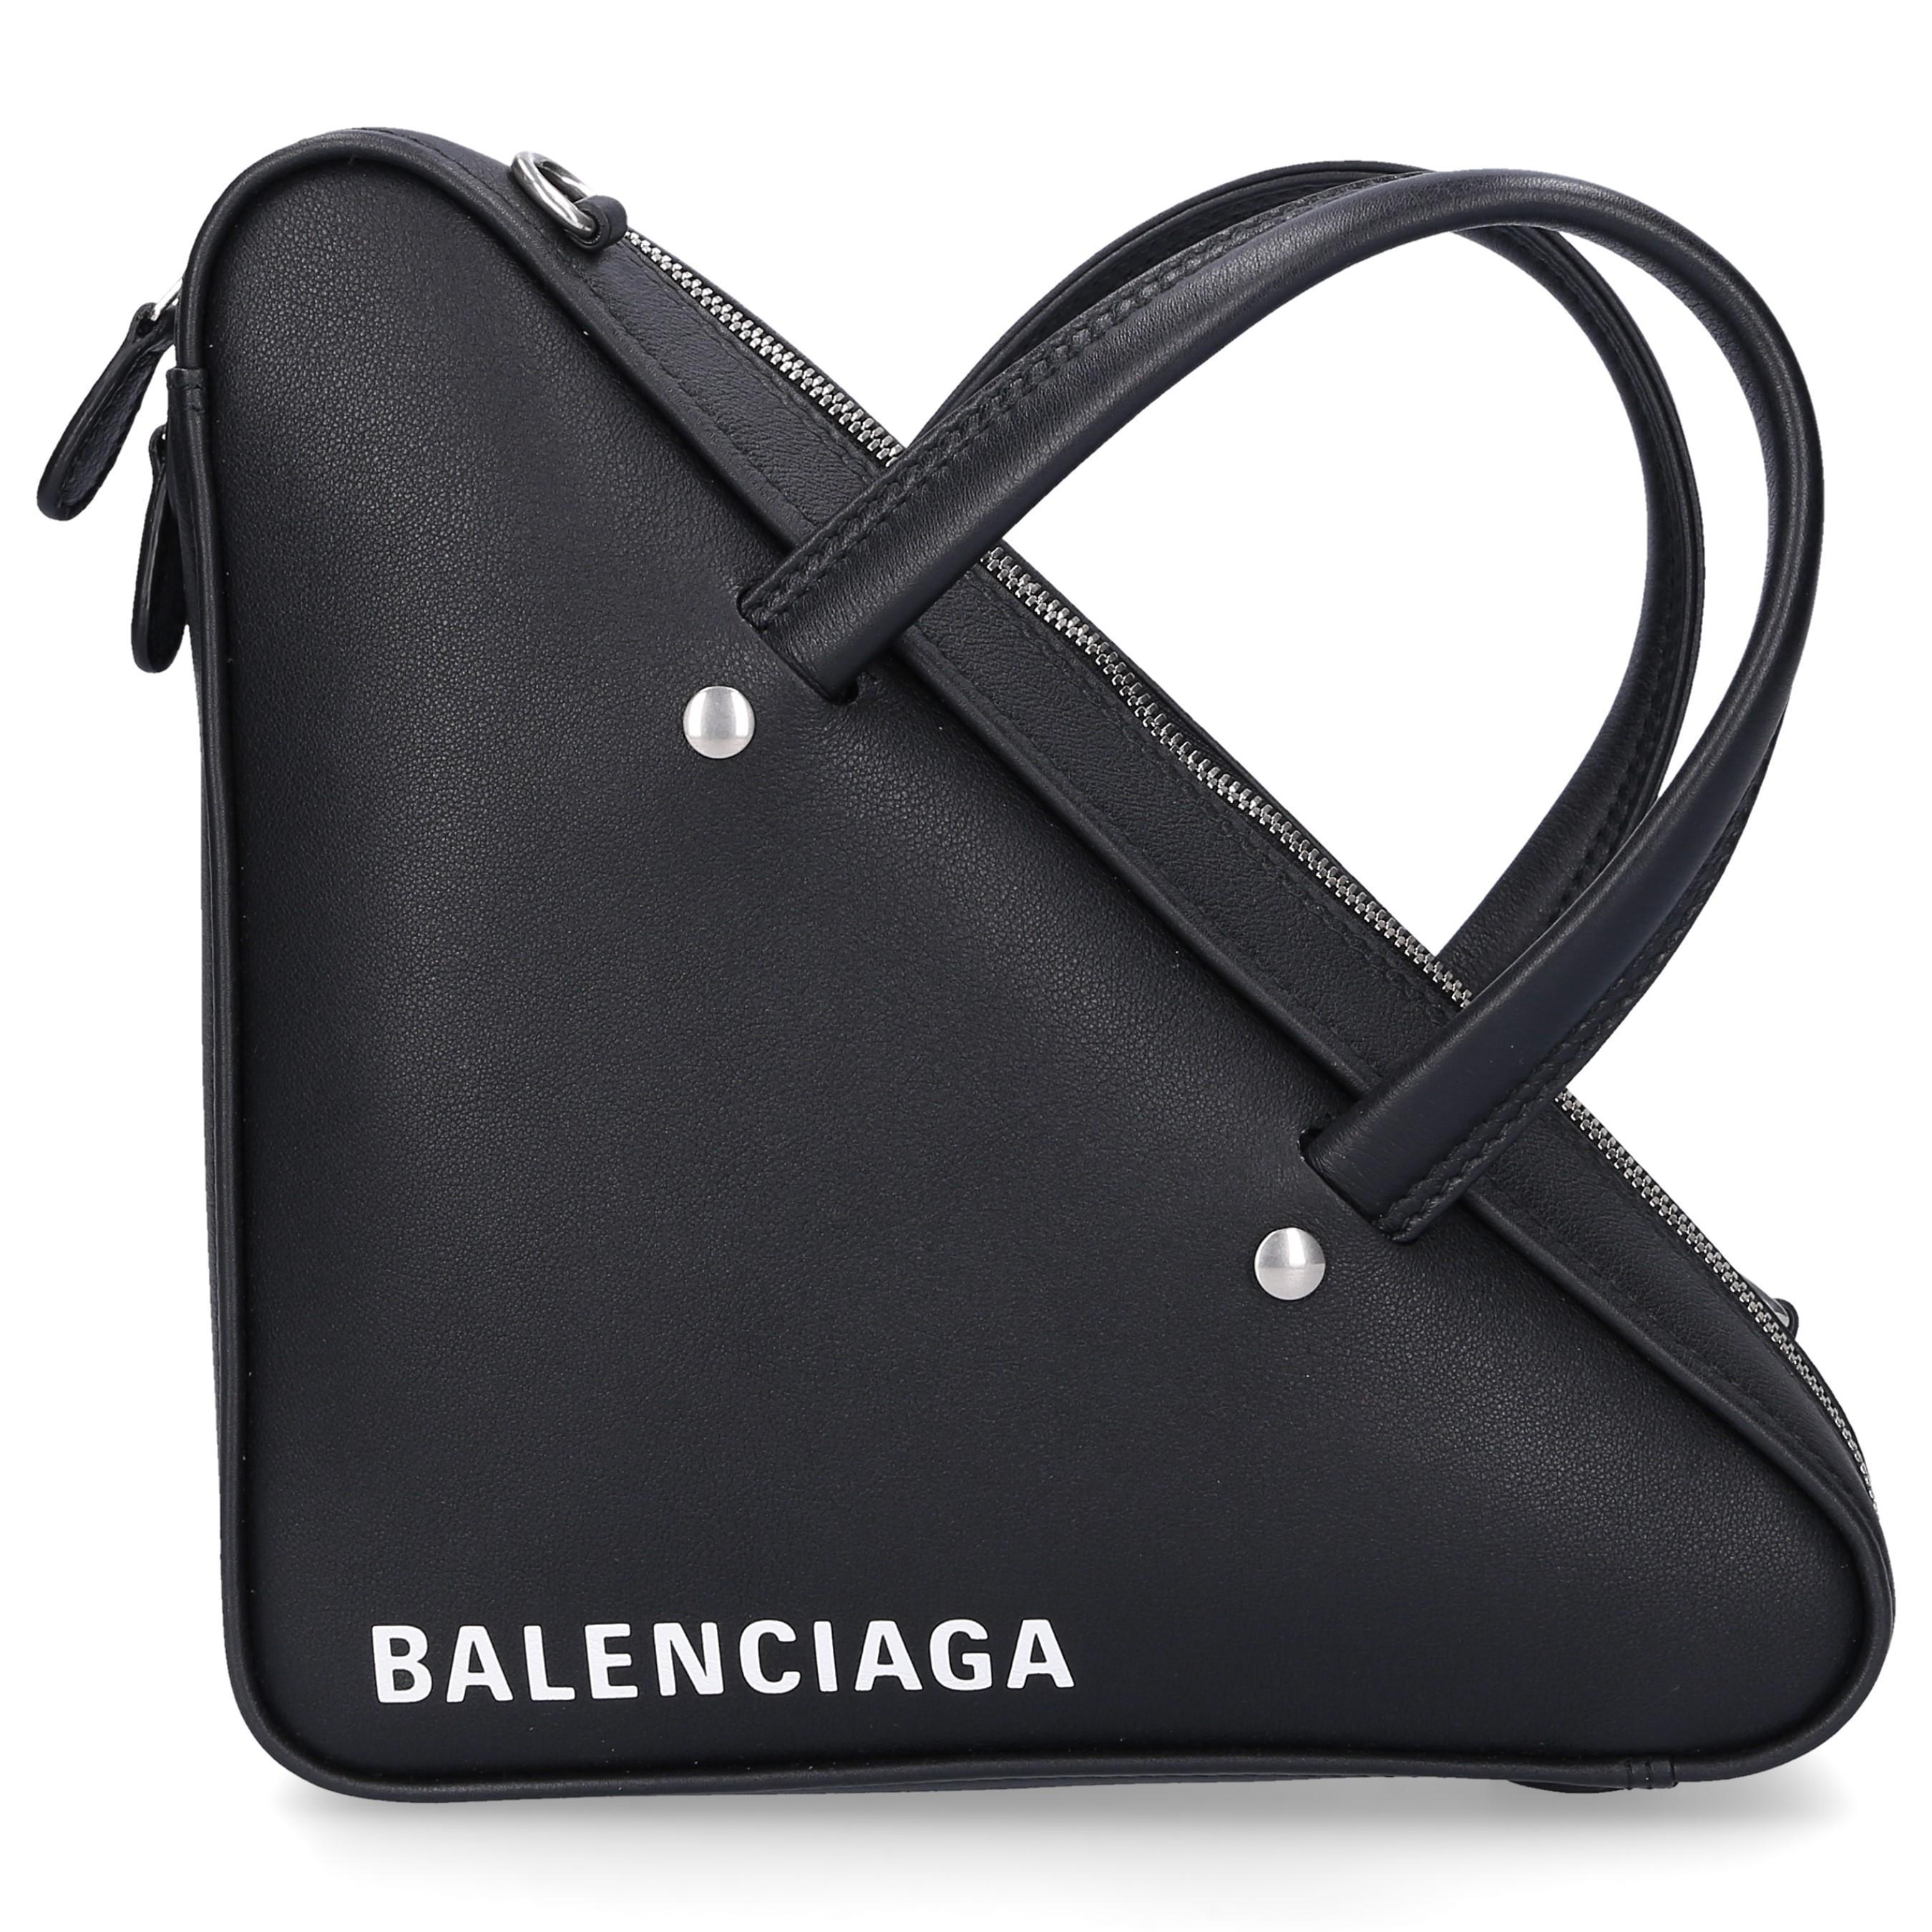 a9b6a8ef5324 Lyst - Balenciaga Handbag Duffle Xs Leather Logo Black in Black